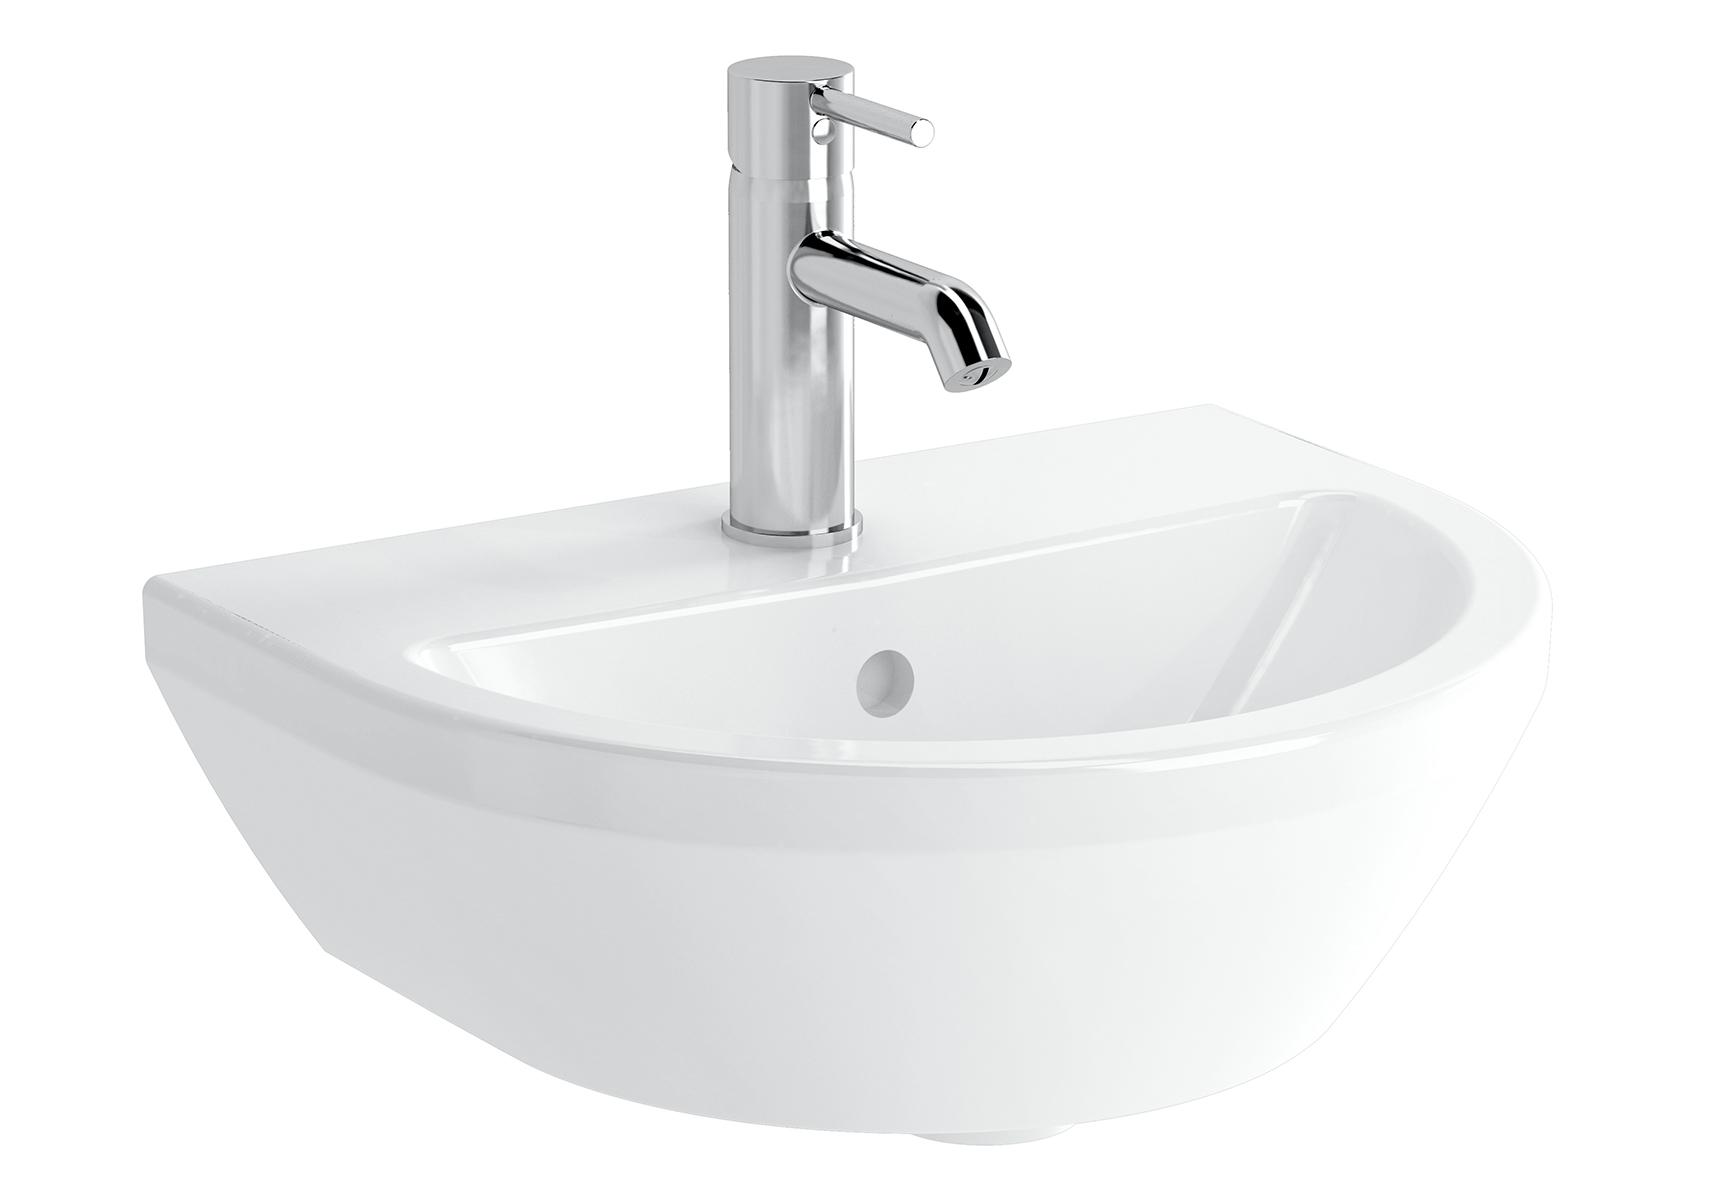 Integra lavabo rond, 45 cm, sans trou de robinet, avec trop-plein